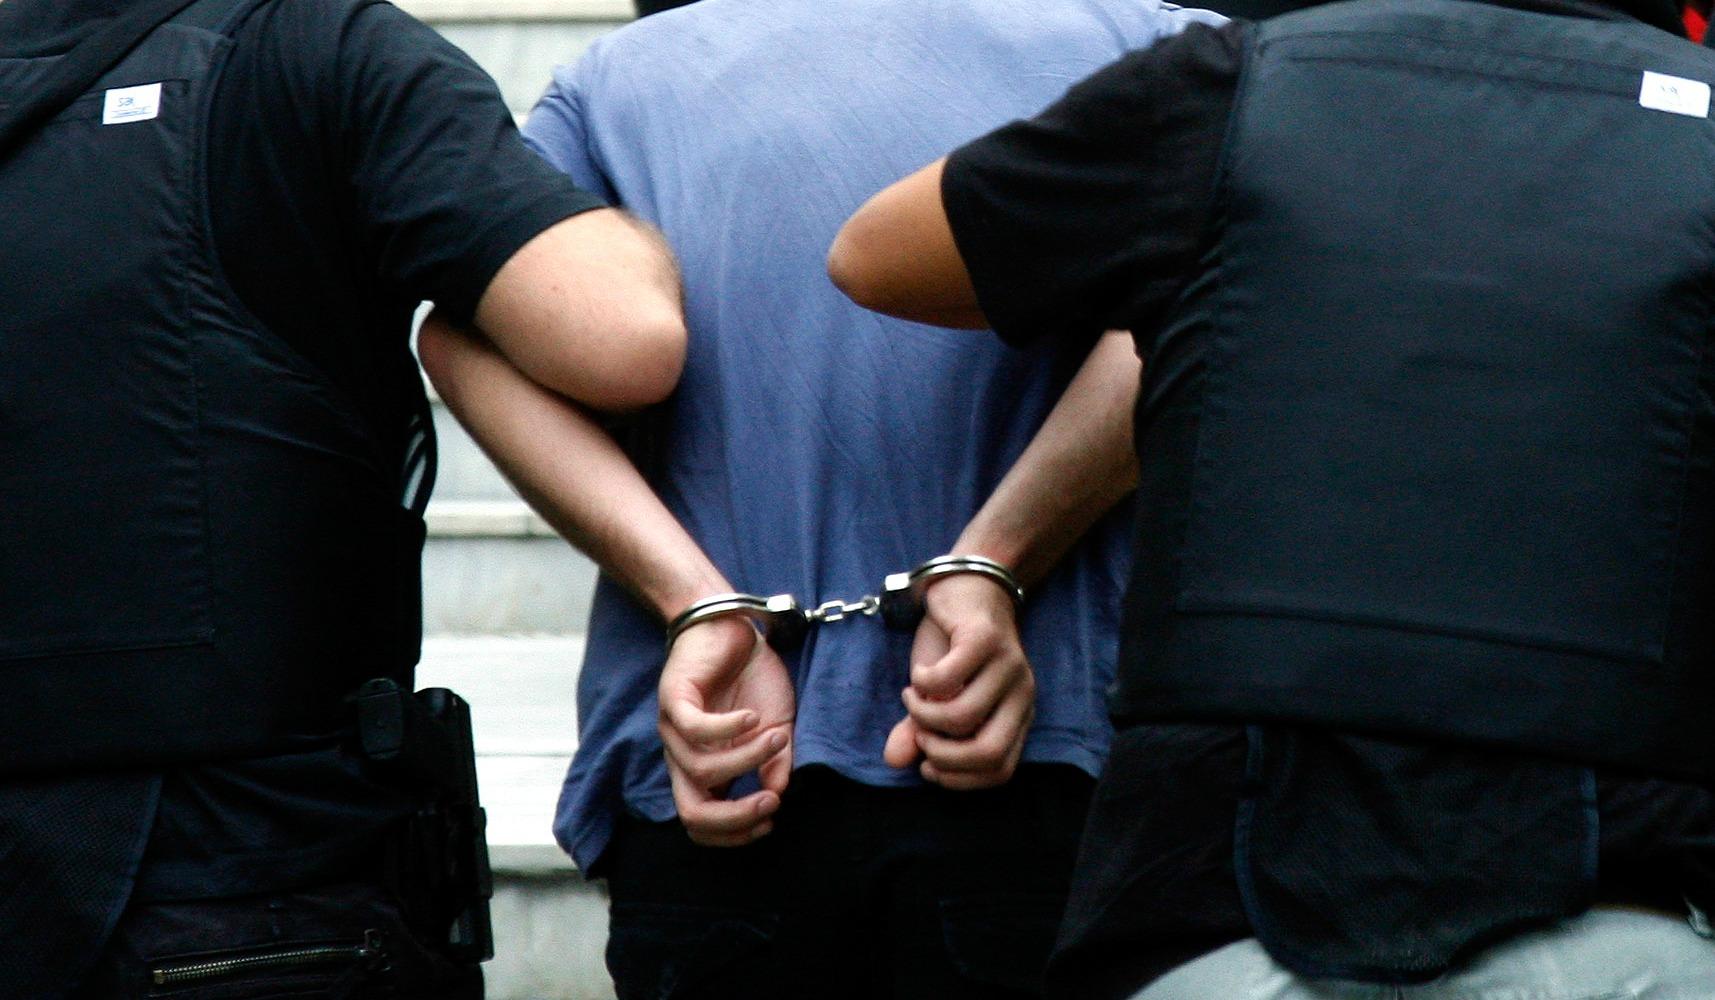 Δυο «κυνηγούς χαλκού» τσίμπησε η αστυνομία στο Αγρίνιο